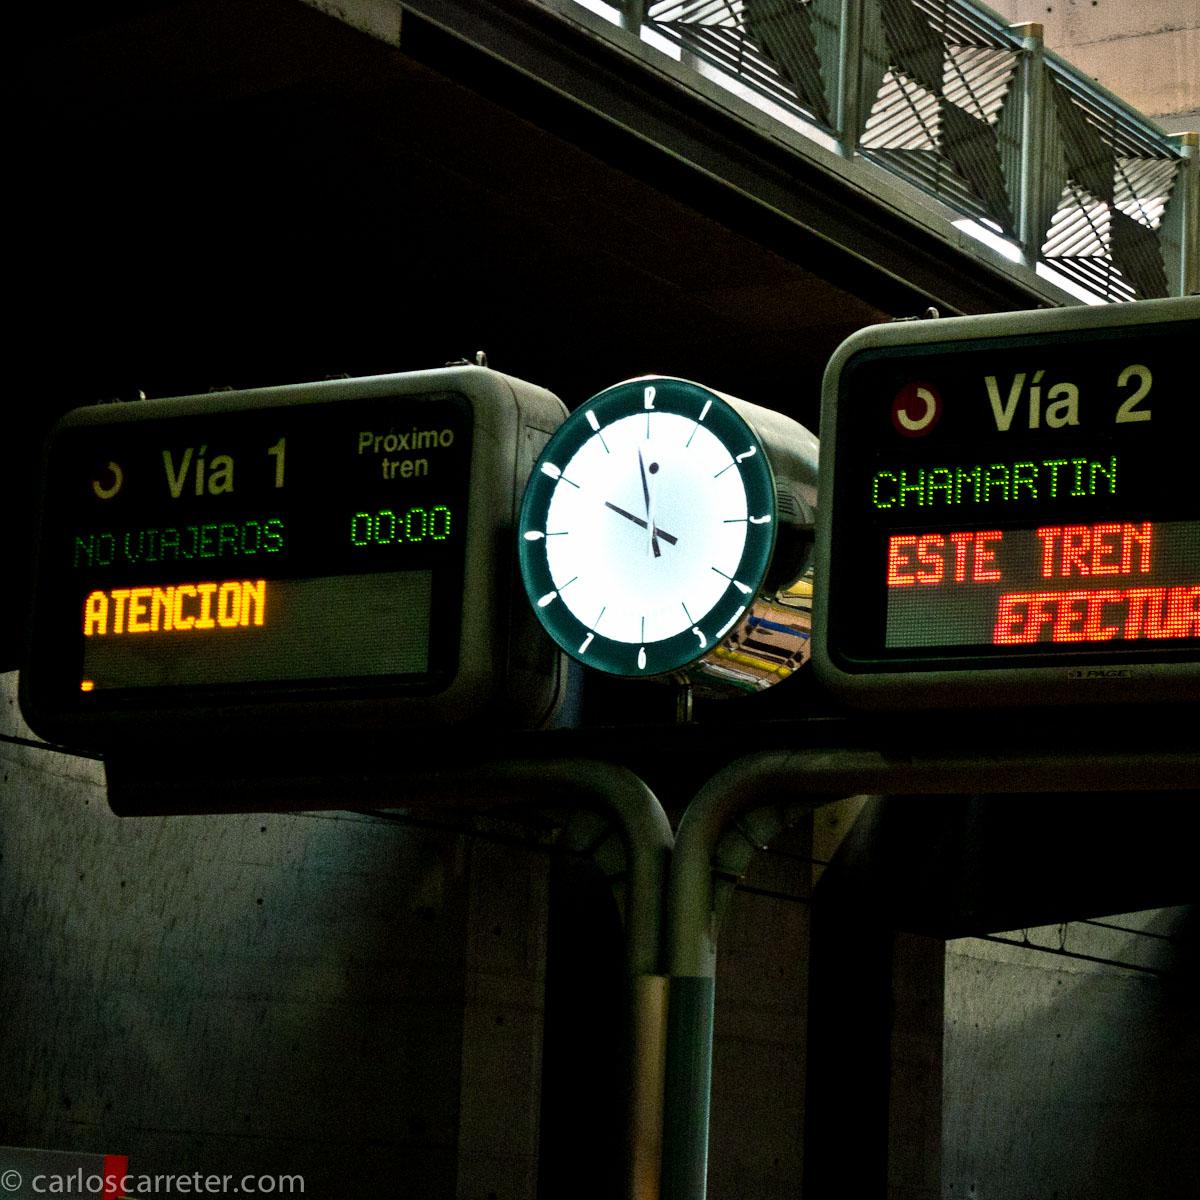 Atocha - Cercanías